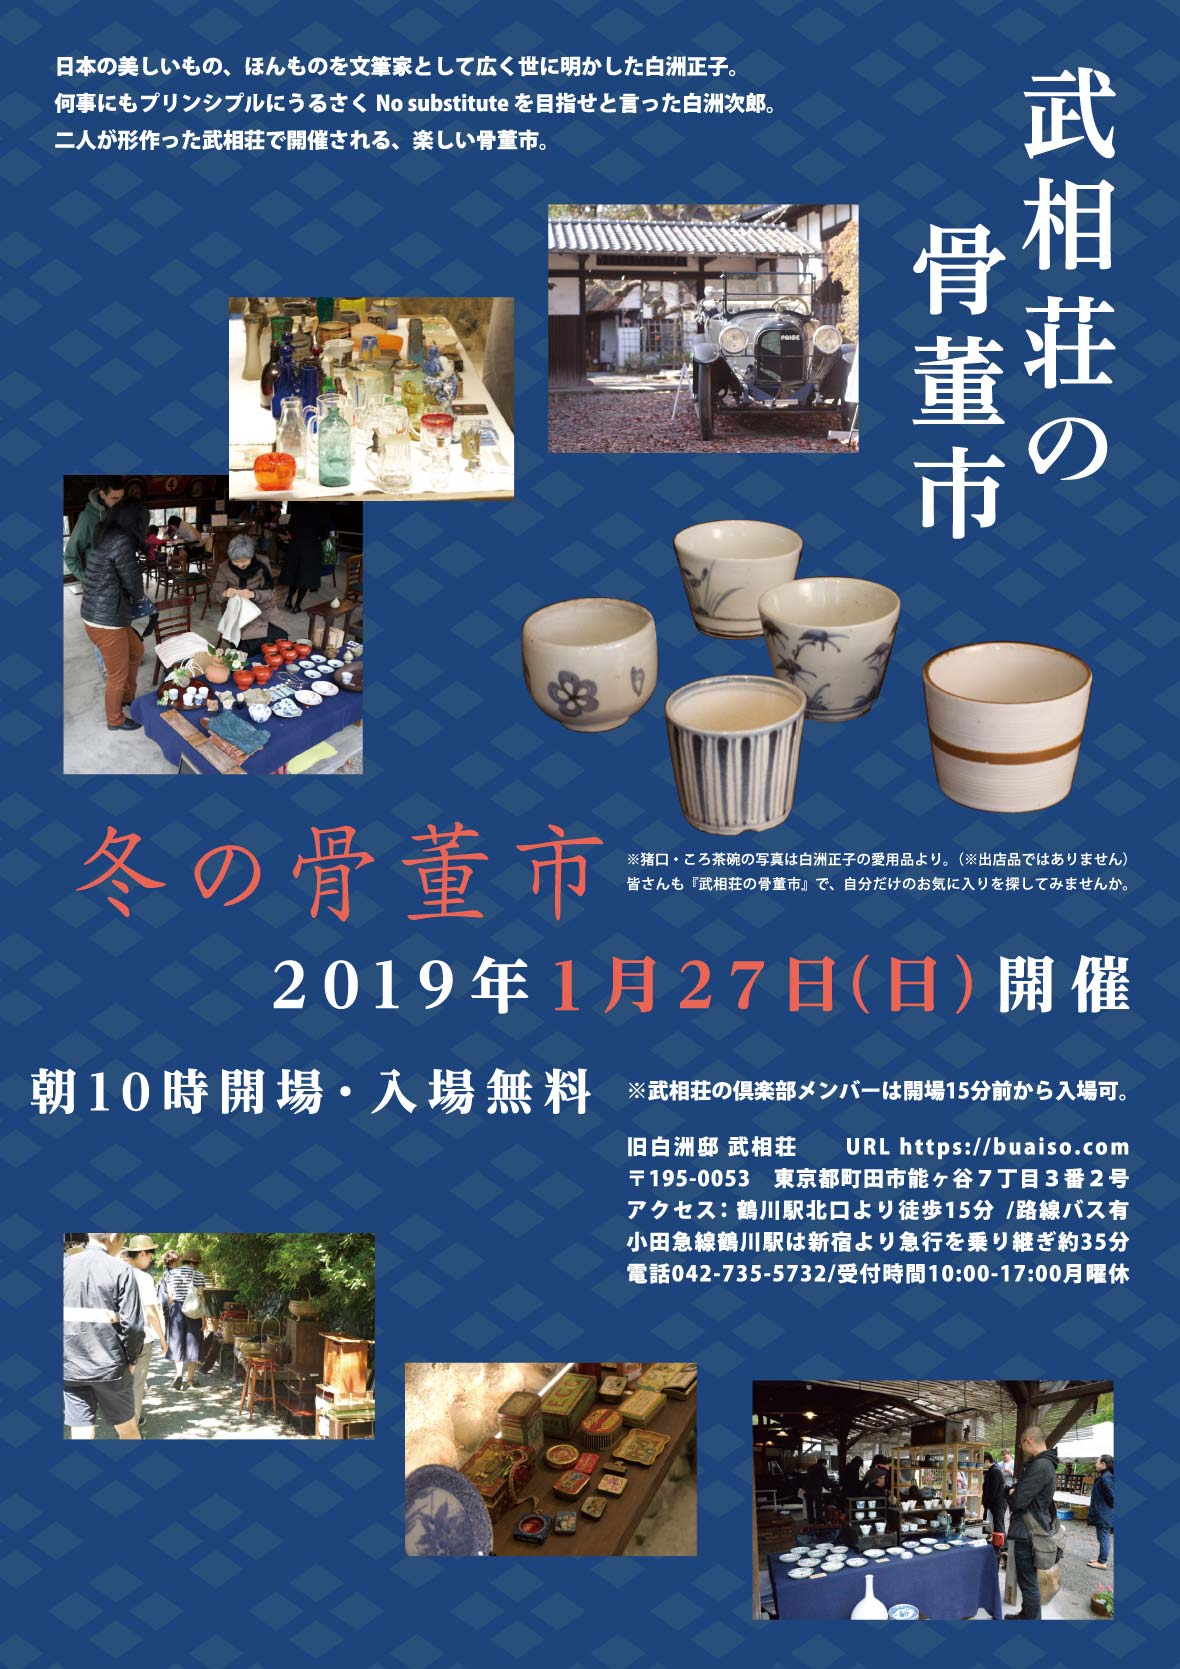 武相荘の骨董市 冬 2019